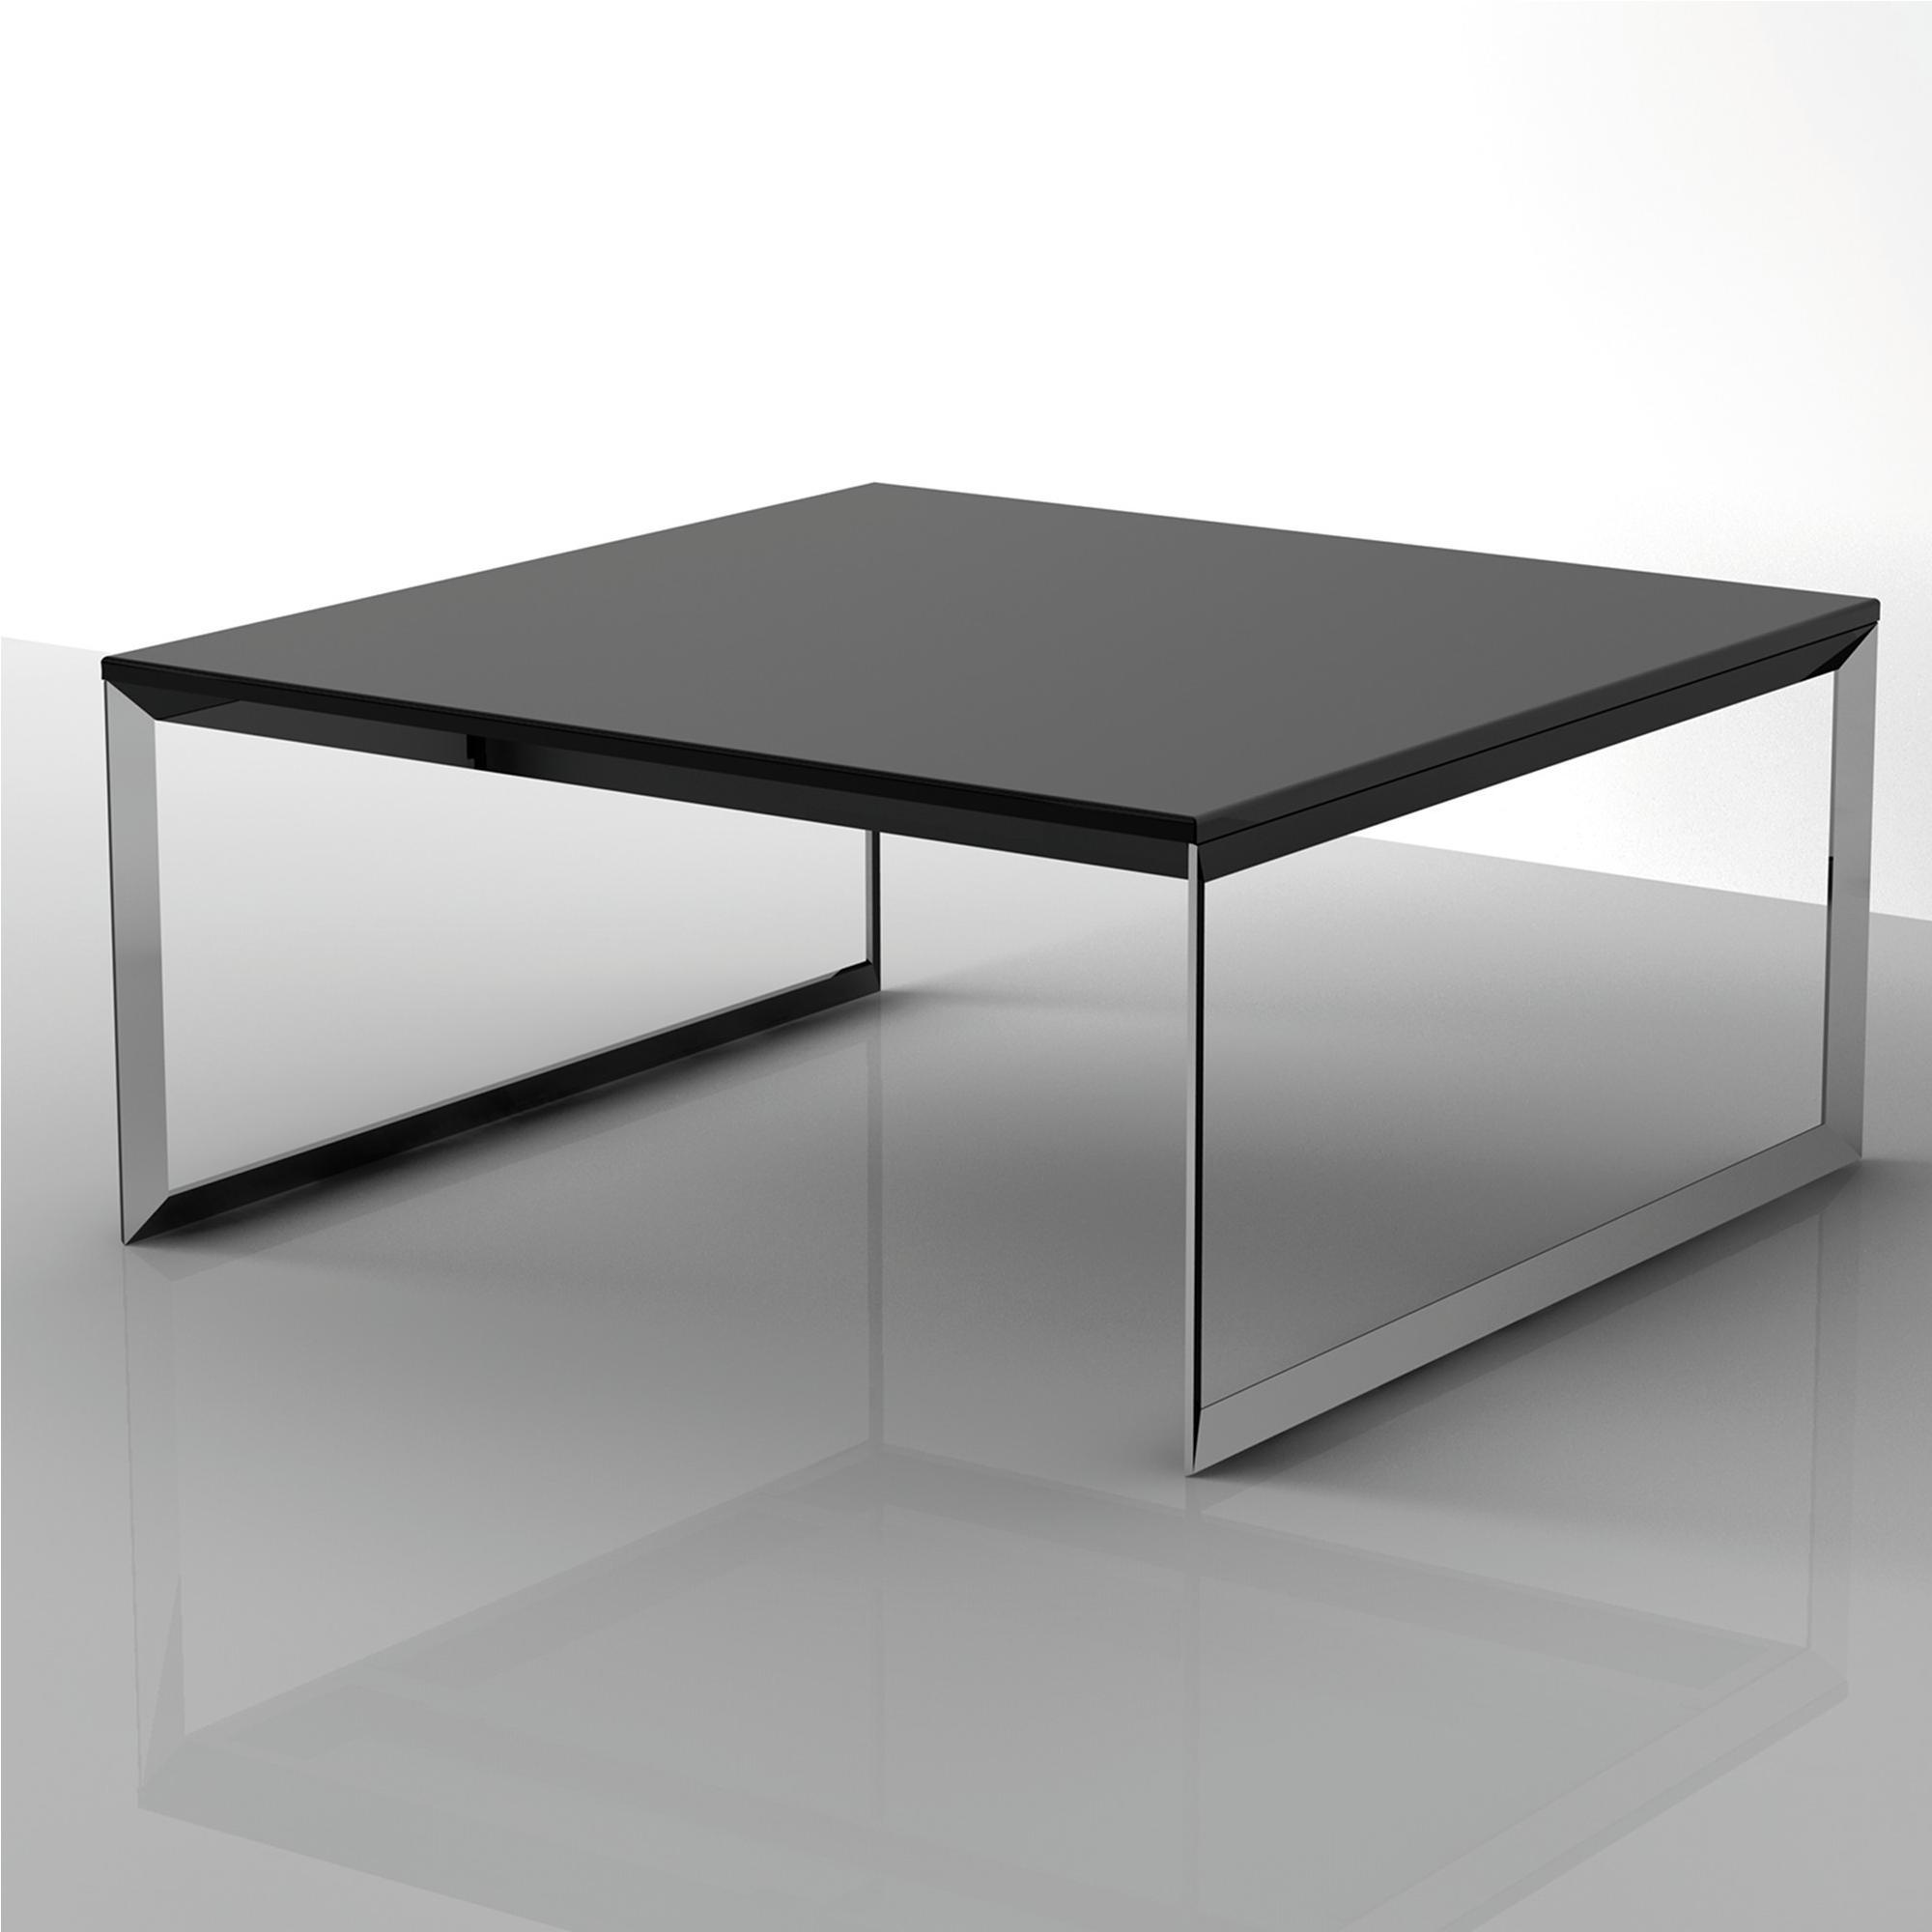 Tavolino Basso Per Salotto.Tavolino Basso Da Salotto Con Piano In Mdf 90x90xh40 Cm Nero Ibb Spa